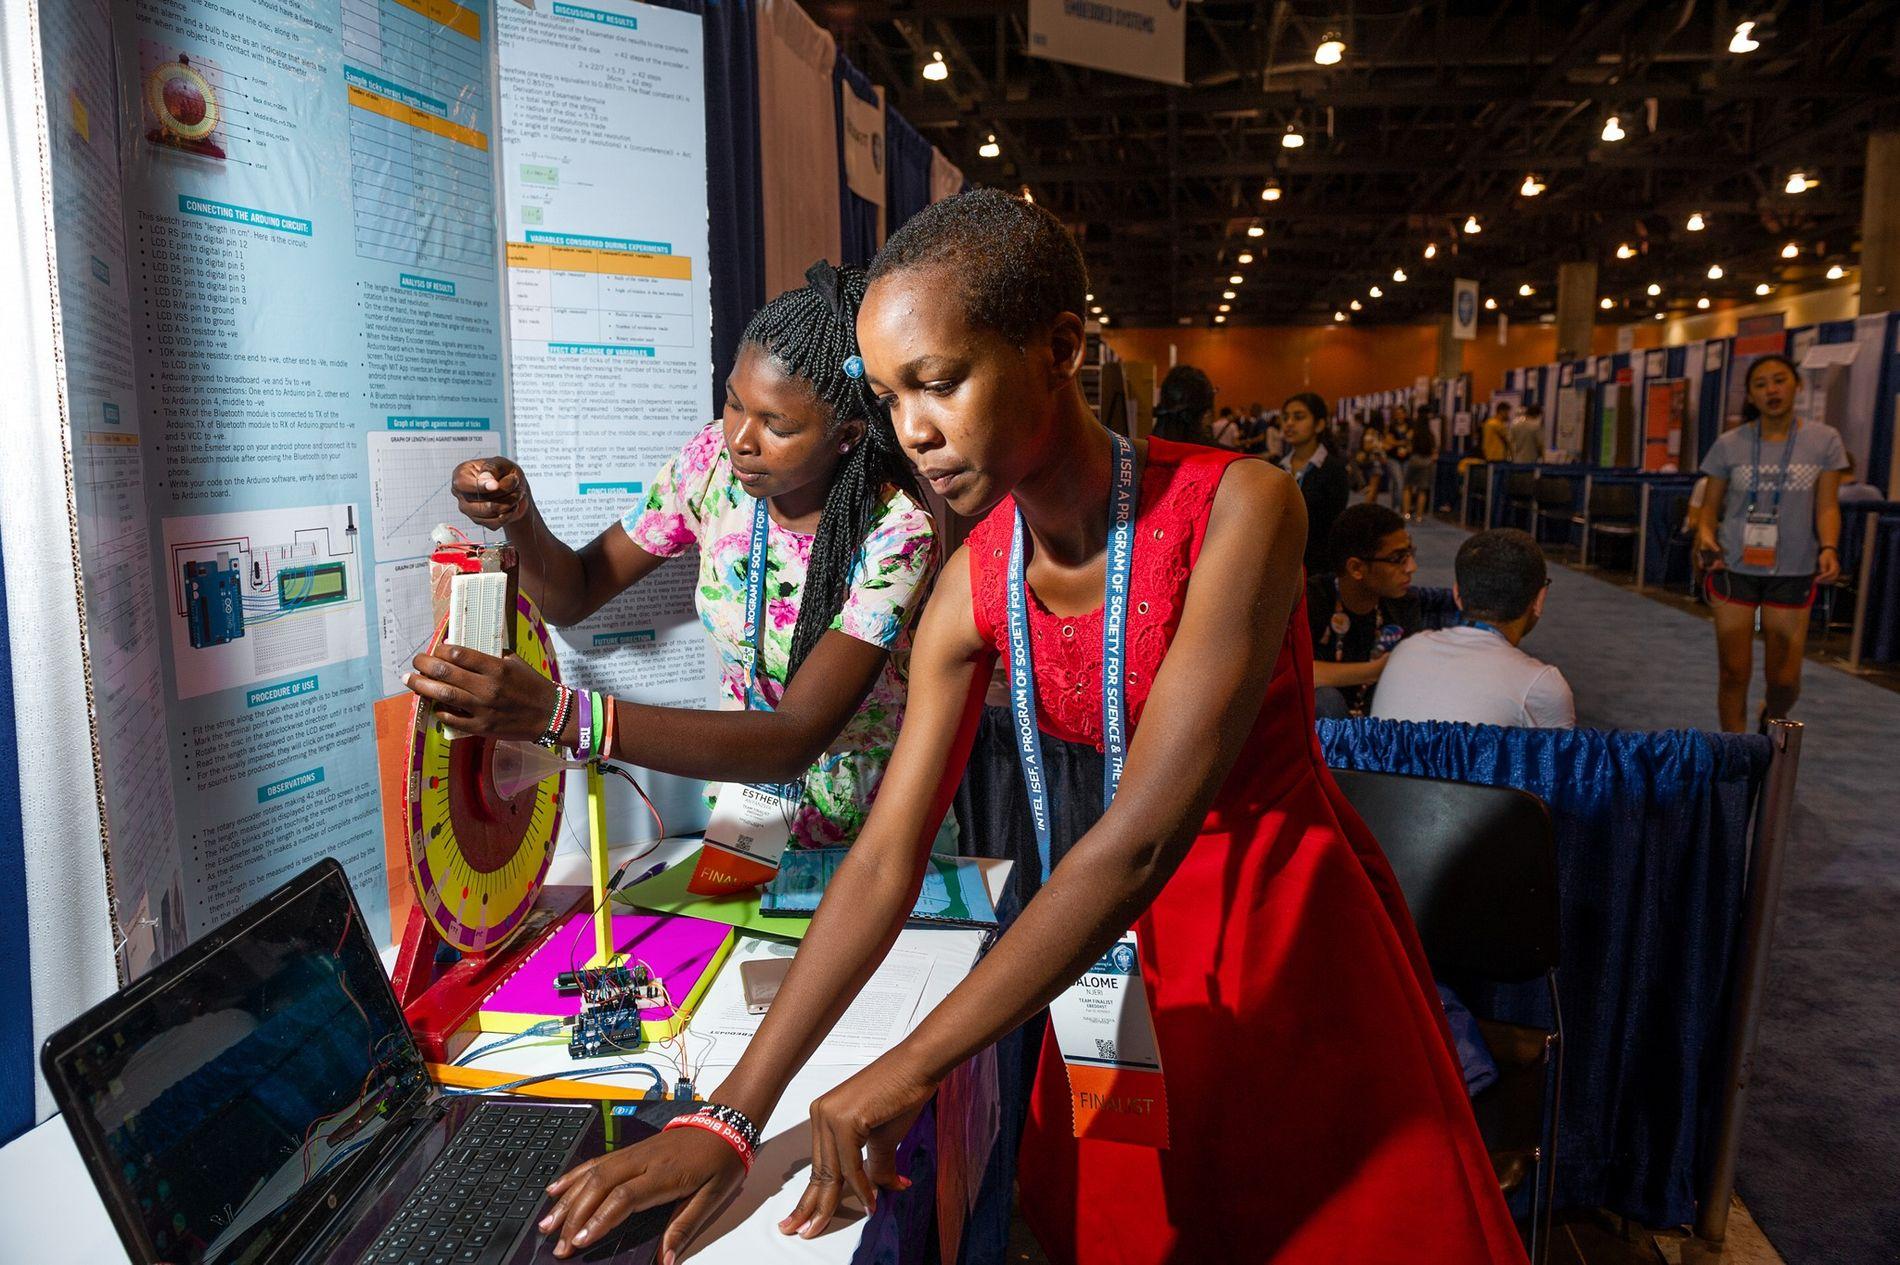 Esther Anyanzwa (izq.) y Salome Njeri crearon un disco giratorio para ayudar a las personas con discapacidad auditiva o visual a medir objetos. En su país, Kenia, las alumnas se enfrentan al escepticismo respecto a sus aptitudes científicas por ser niñas. «Quería demostrar que la sociedad se equivocaba», contó Njeri a la Sociedad para la Ciencia y el Público.